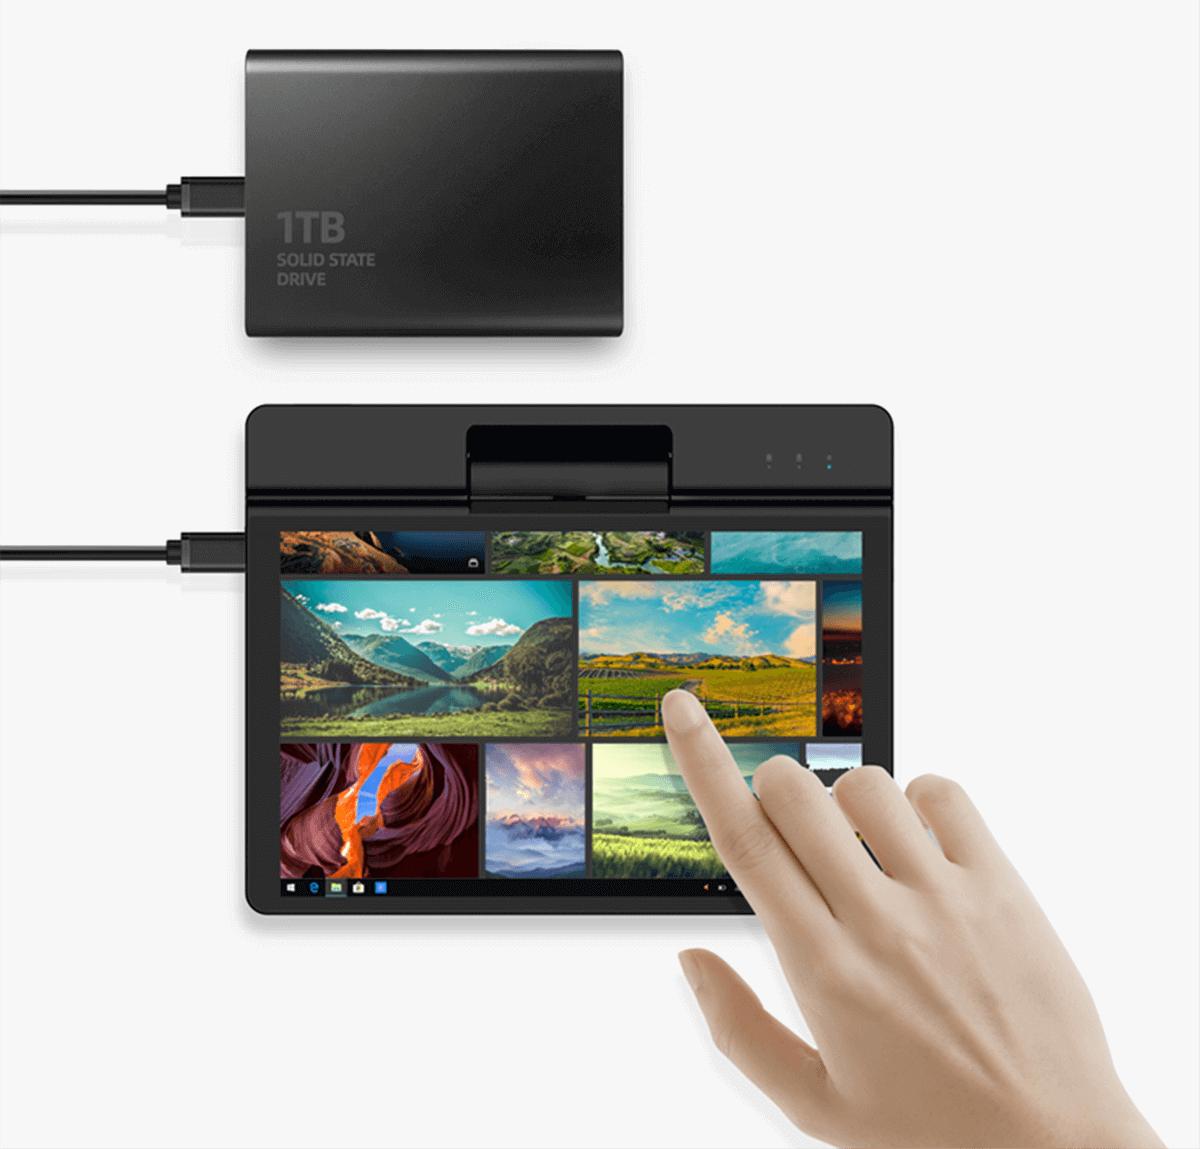 ビデオ出力、データ送信、急速充電、USB機能拡張に対応したType-Cポート